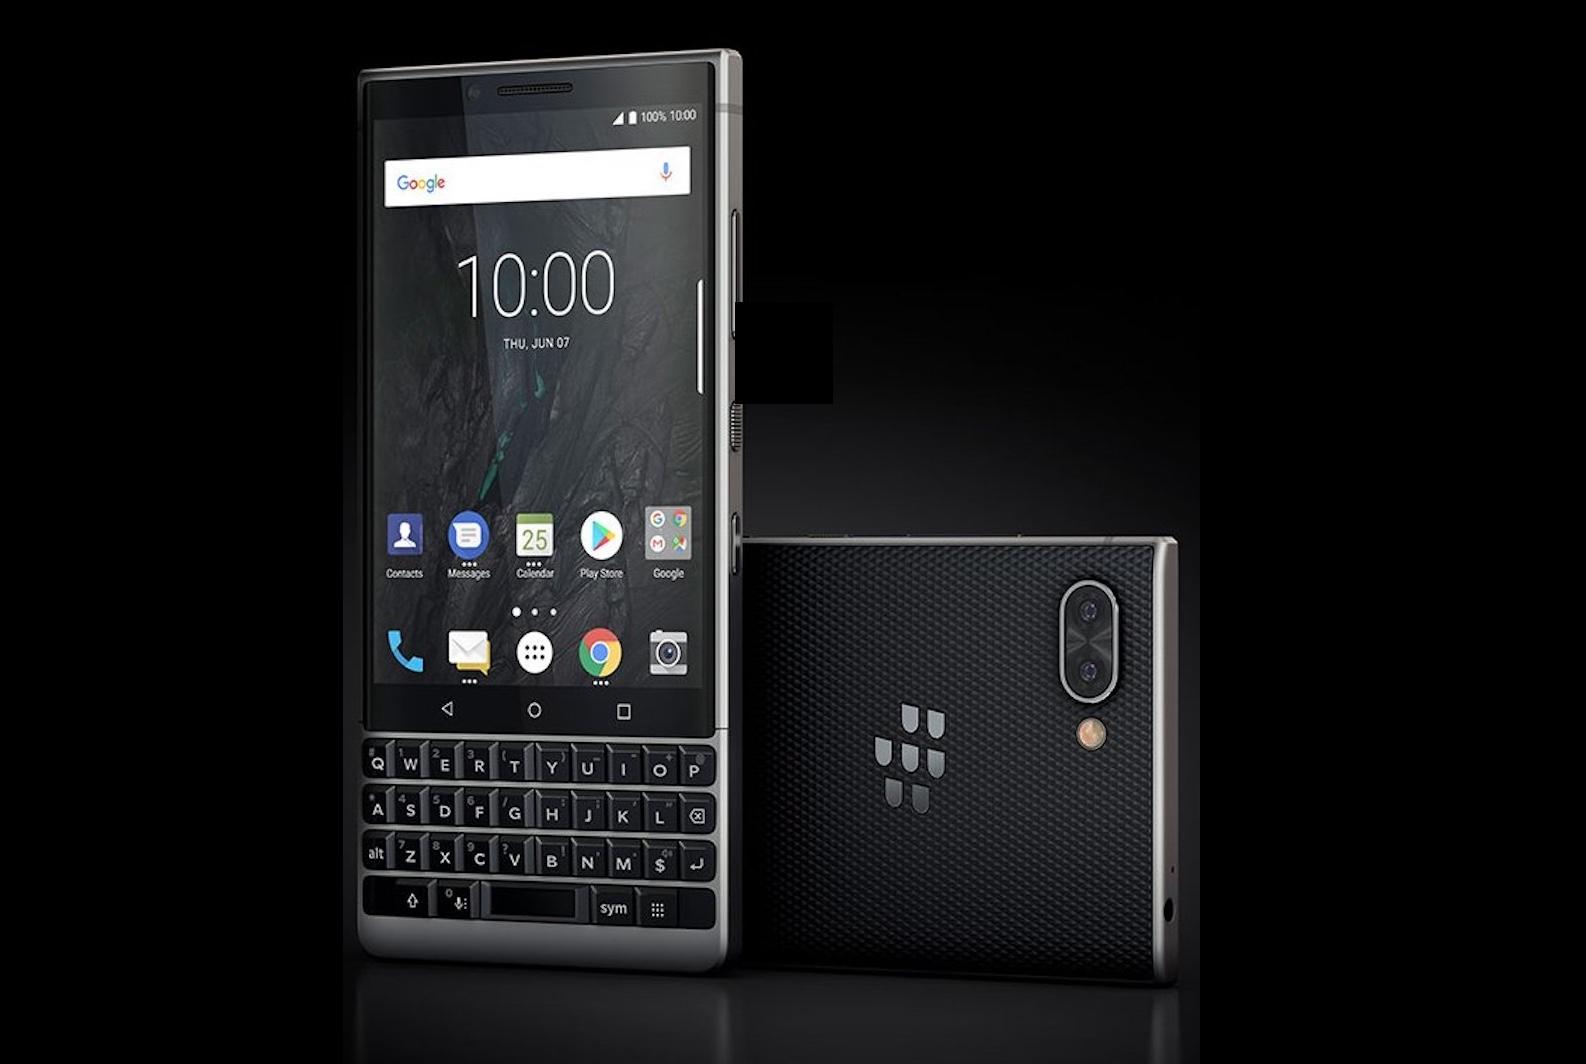 Nuovo stop per gli smartphone BlackBerry